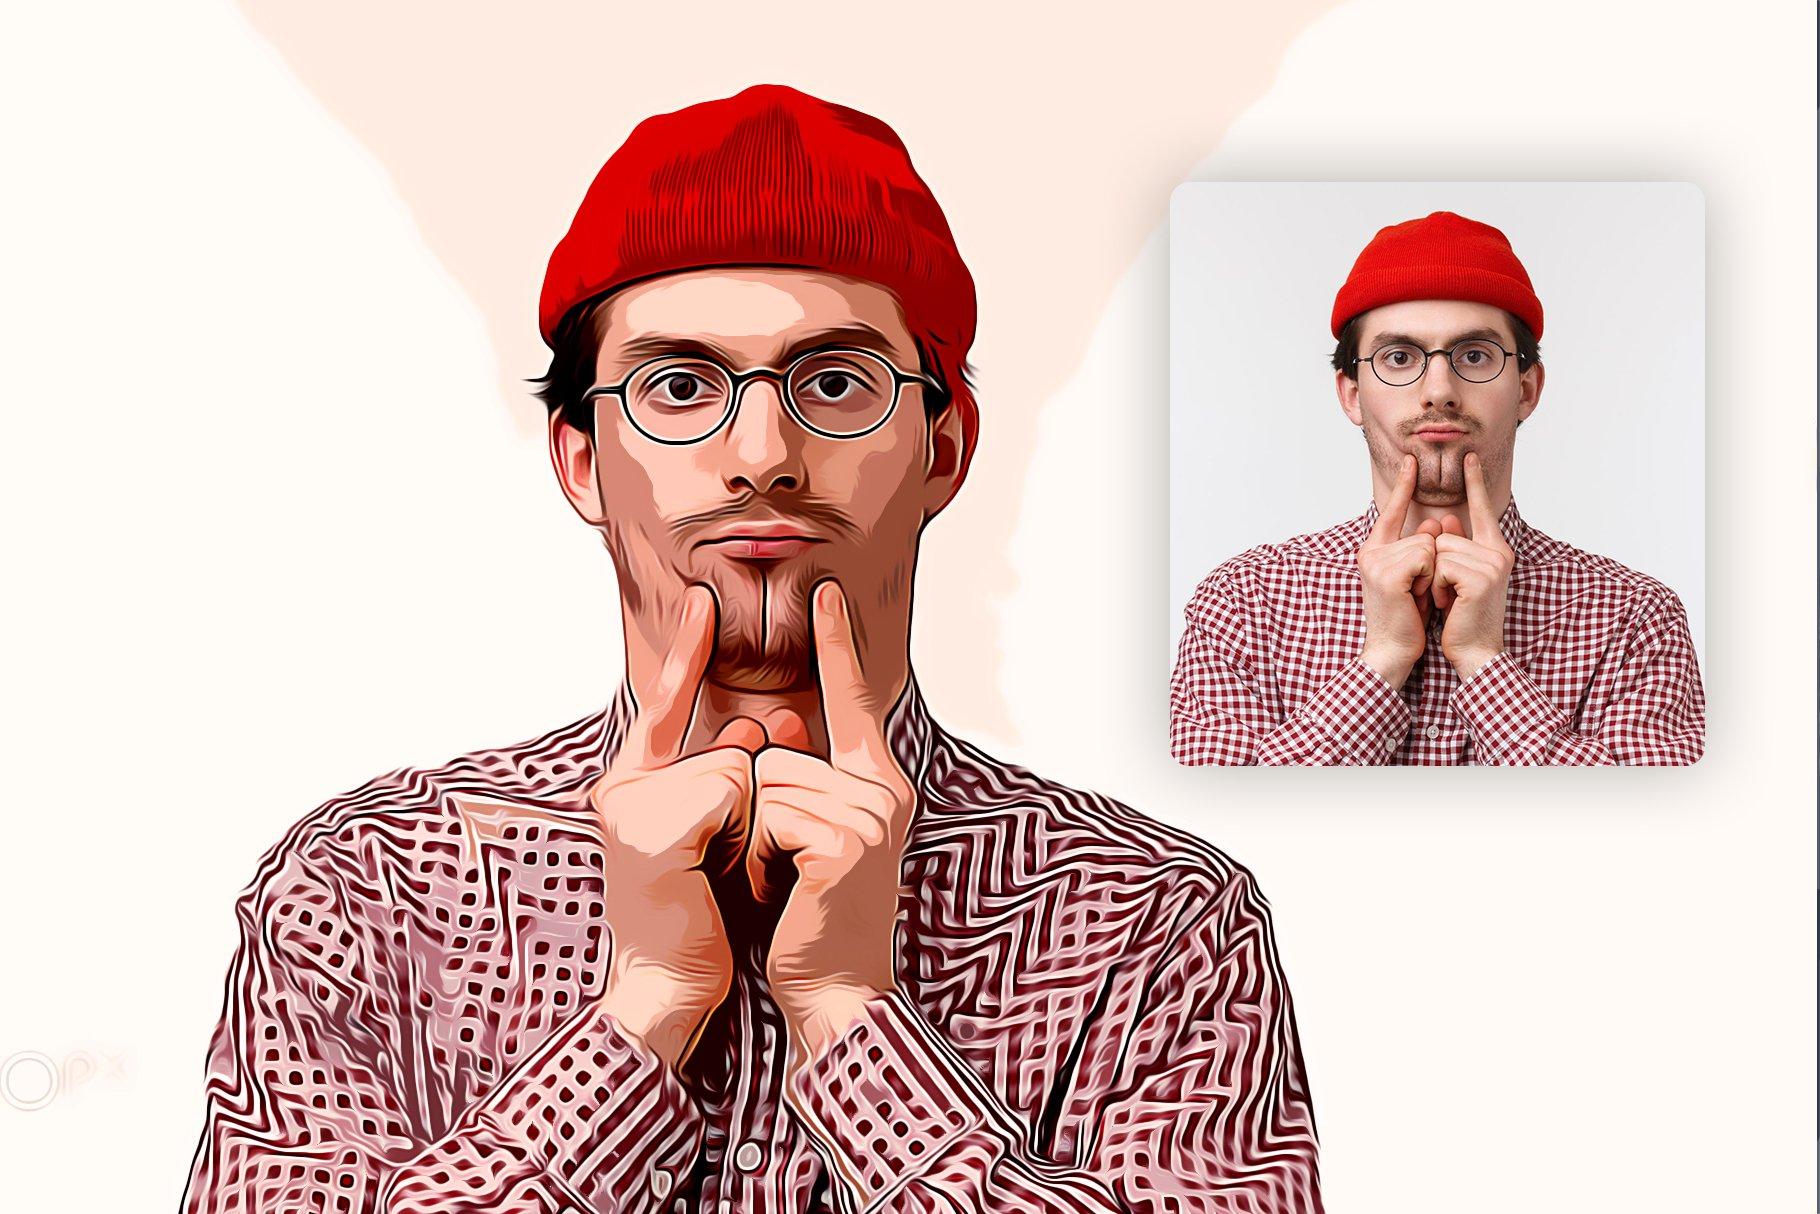 逼真油画艺术绘画效果照片处理特效PS动作模板 Cartoon Oil Painting Photoshop FX插图4